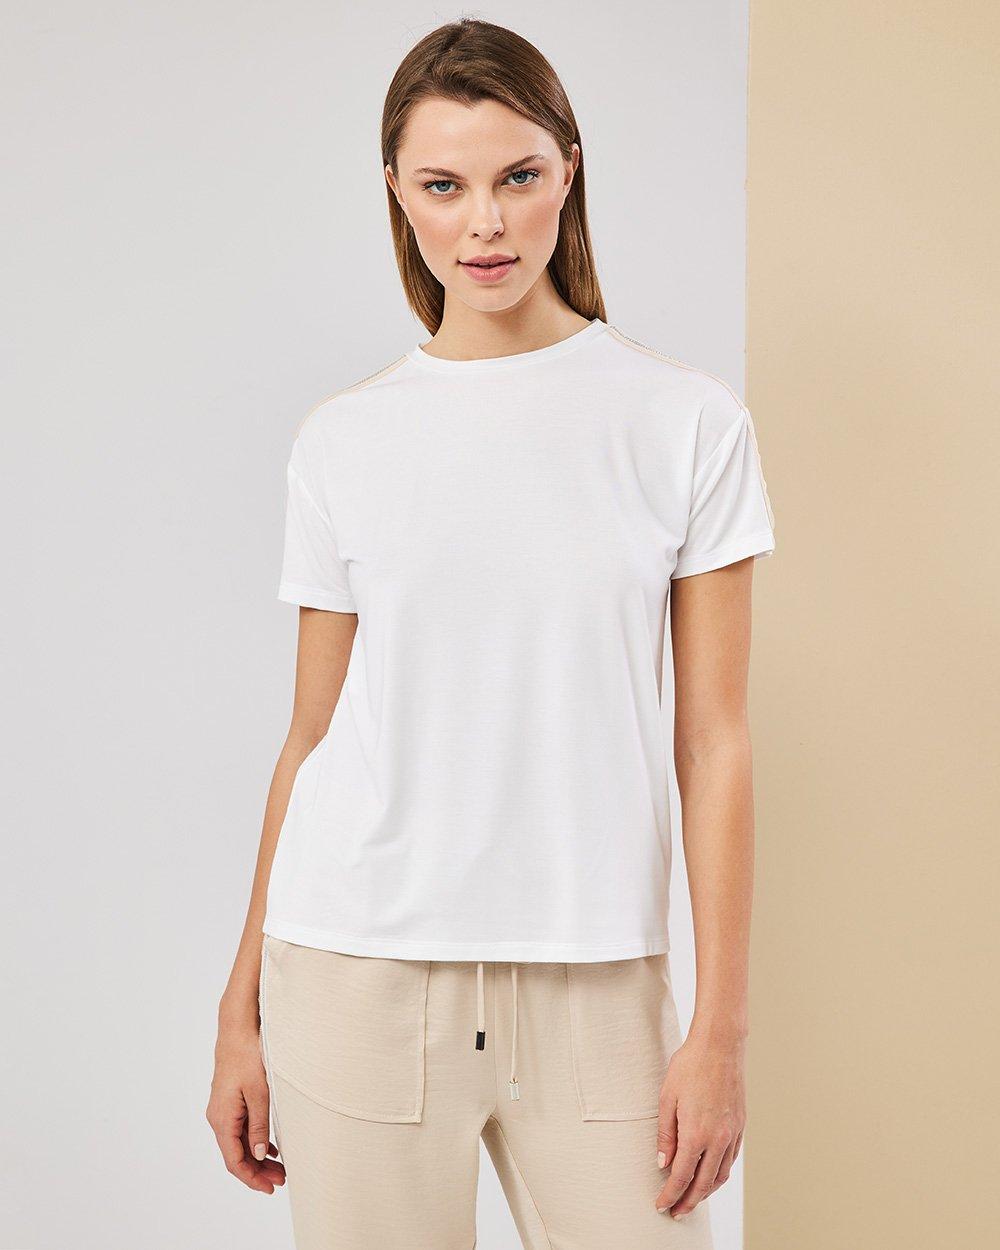 Μπλούζα με τρέσσα στο μανίκι